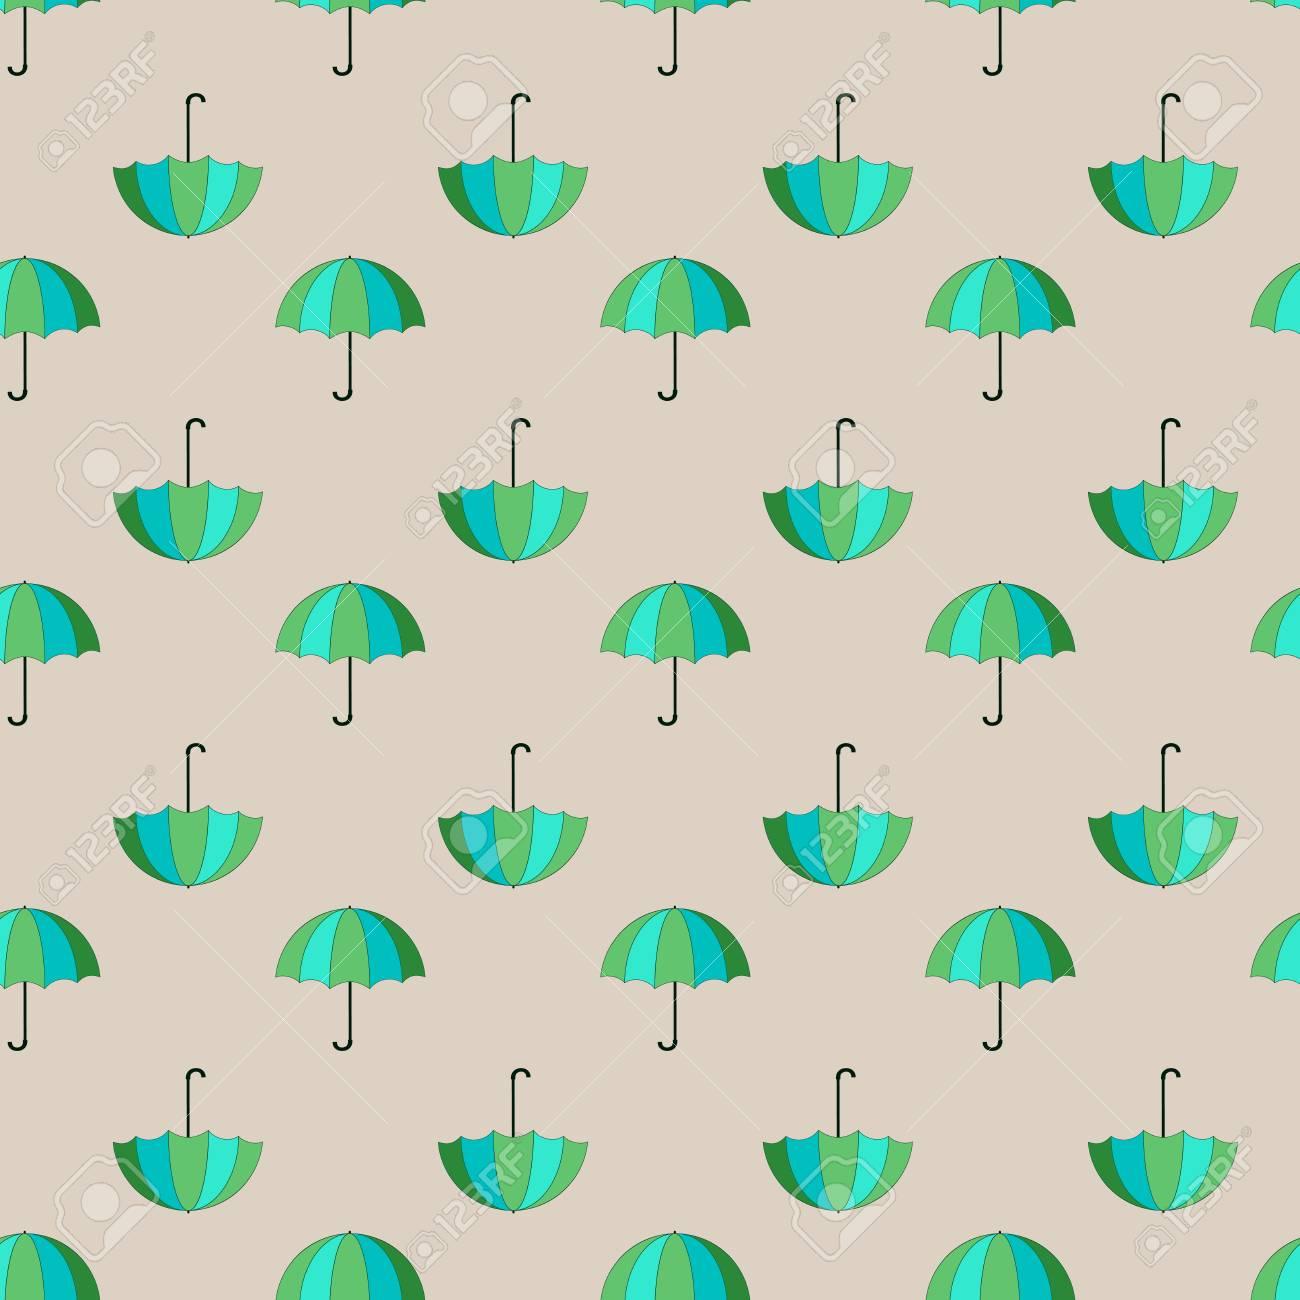 Großzügig Regenschirmschablone Druckbar Fotos - Entry Level Resume ...